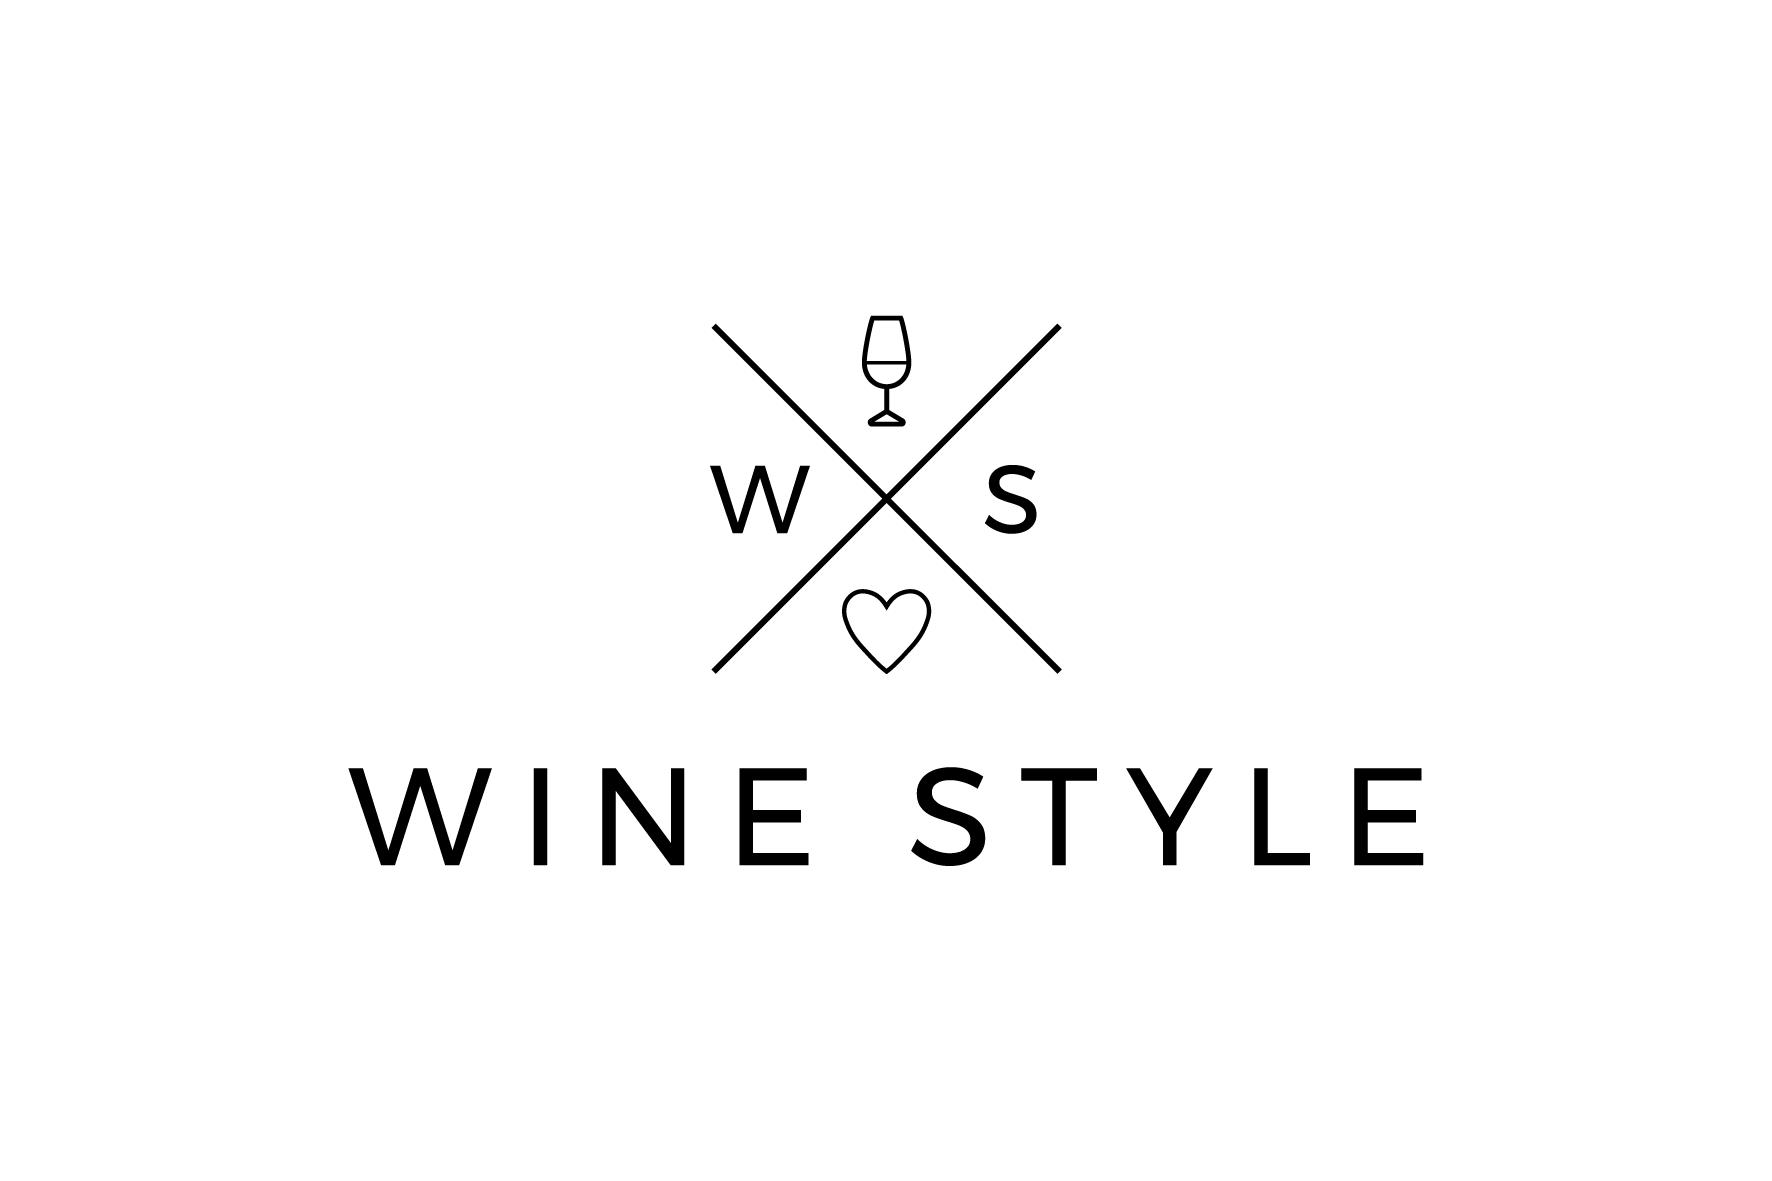 winestyle-logo